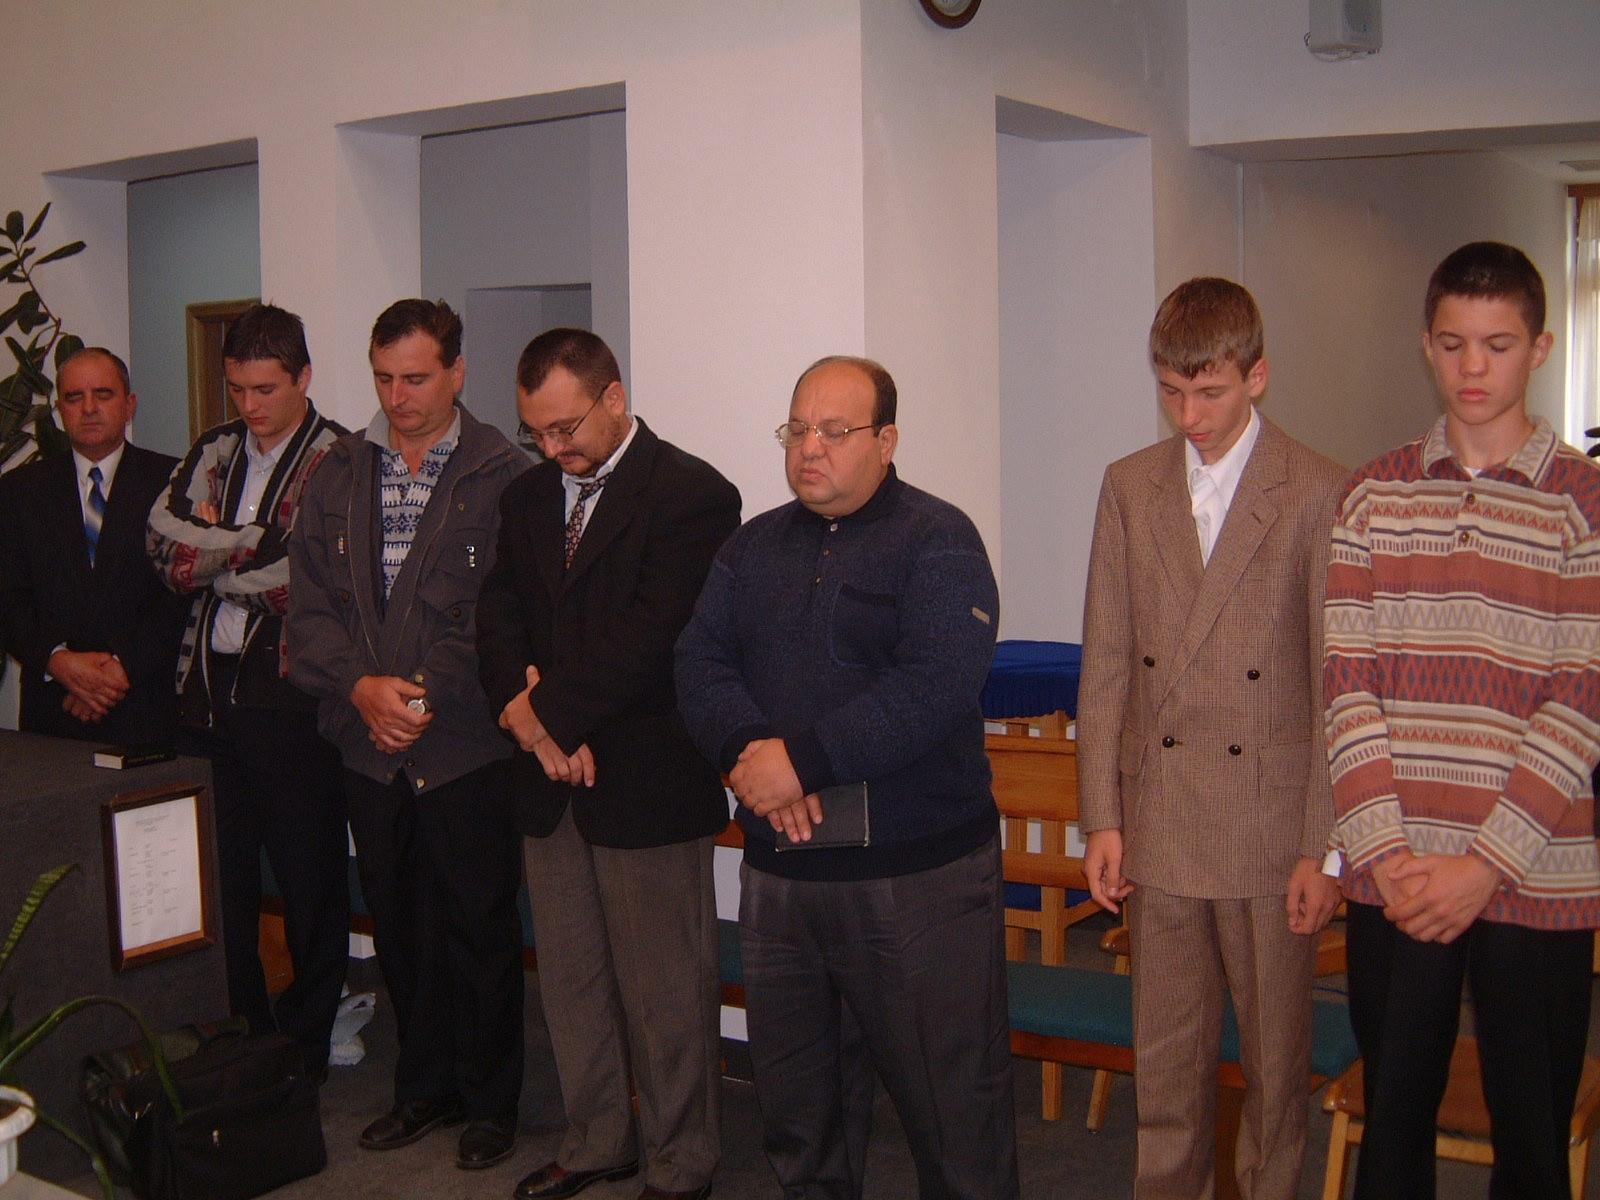 FLORIN TUDOR SI BOGDAN BOICECOFSCHI LA RUGACIUNEA DE BINECUVANTARE DUPA BOTEZ 22 AUGUST 2003